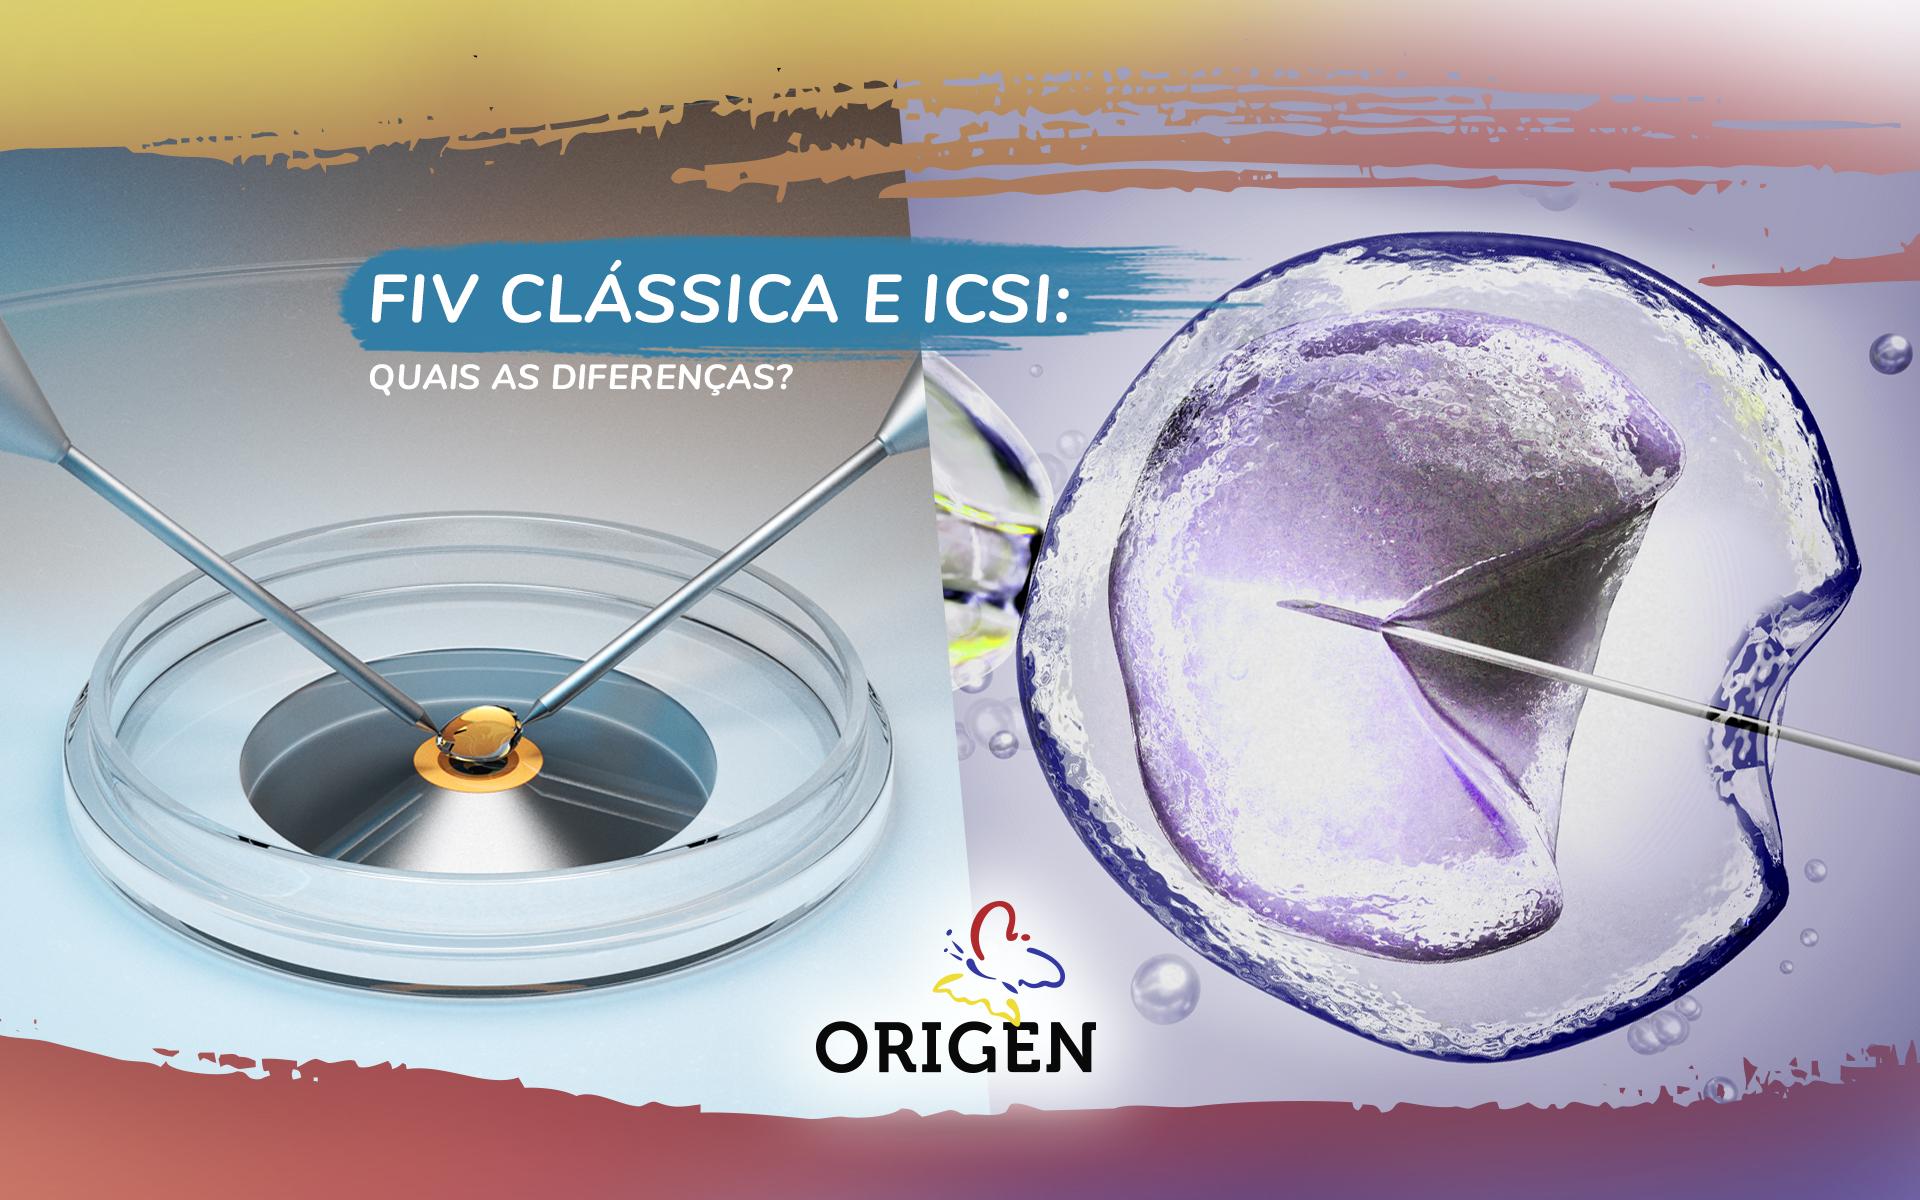 FIV clássica e ICSI: quais as diferenças?